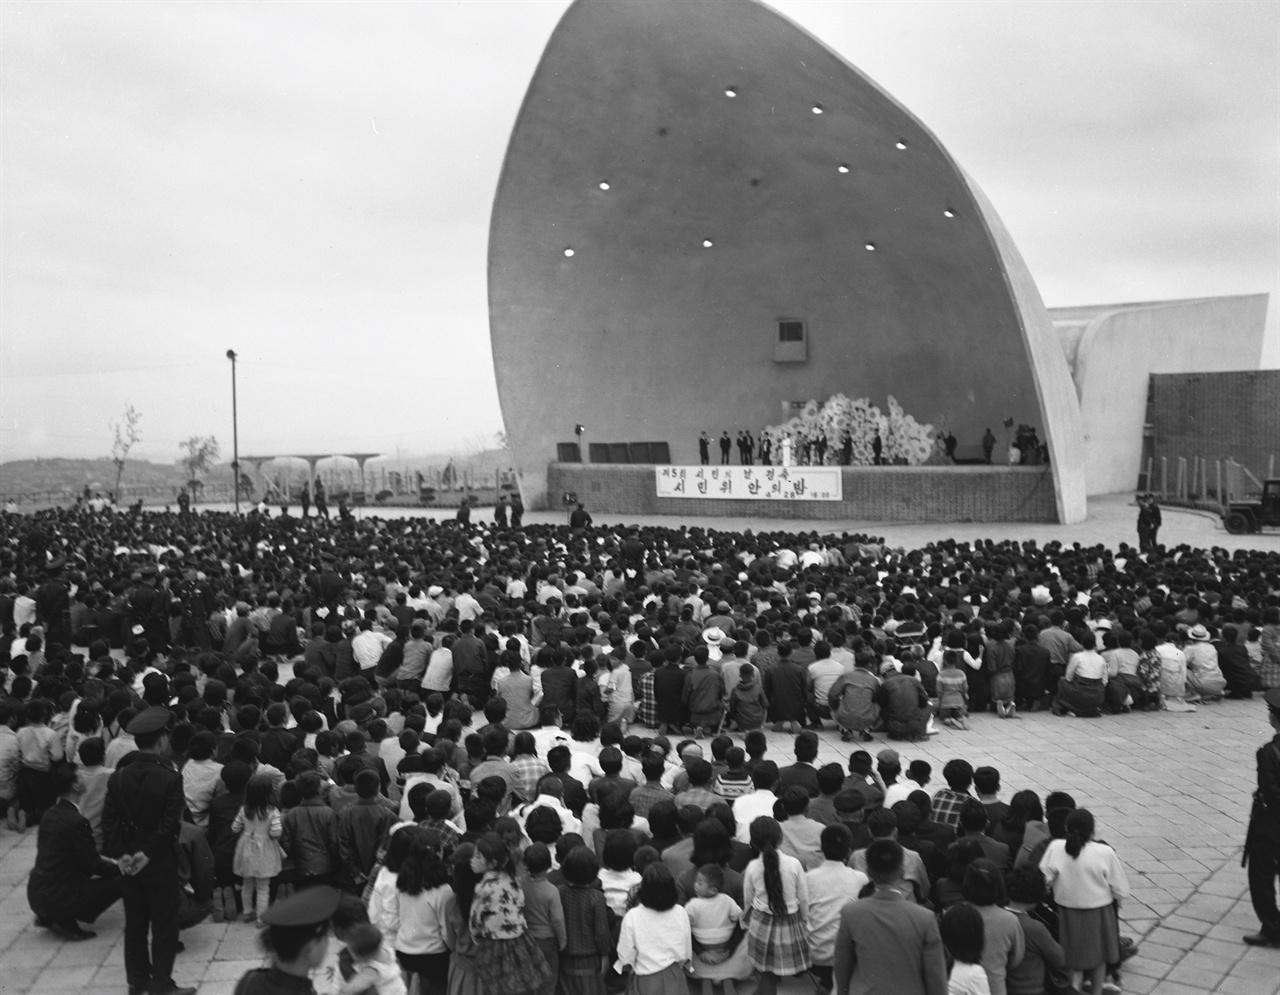 남산 야외음악당에서 열린 시민 위안의 밤 남산 회현자락에 지어진 야외음악당은 1만 5천 명이 관람 가능한 대형 야외공연장이었다. 조개껍질 모양의 무대(96평)를 갖췄고, 멀리서도 연주가 잘 들릴 수 있도록 음향설계를 했다.